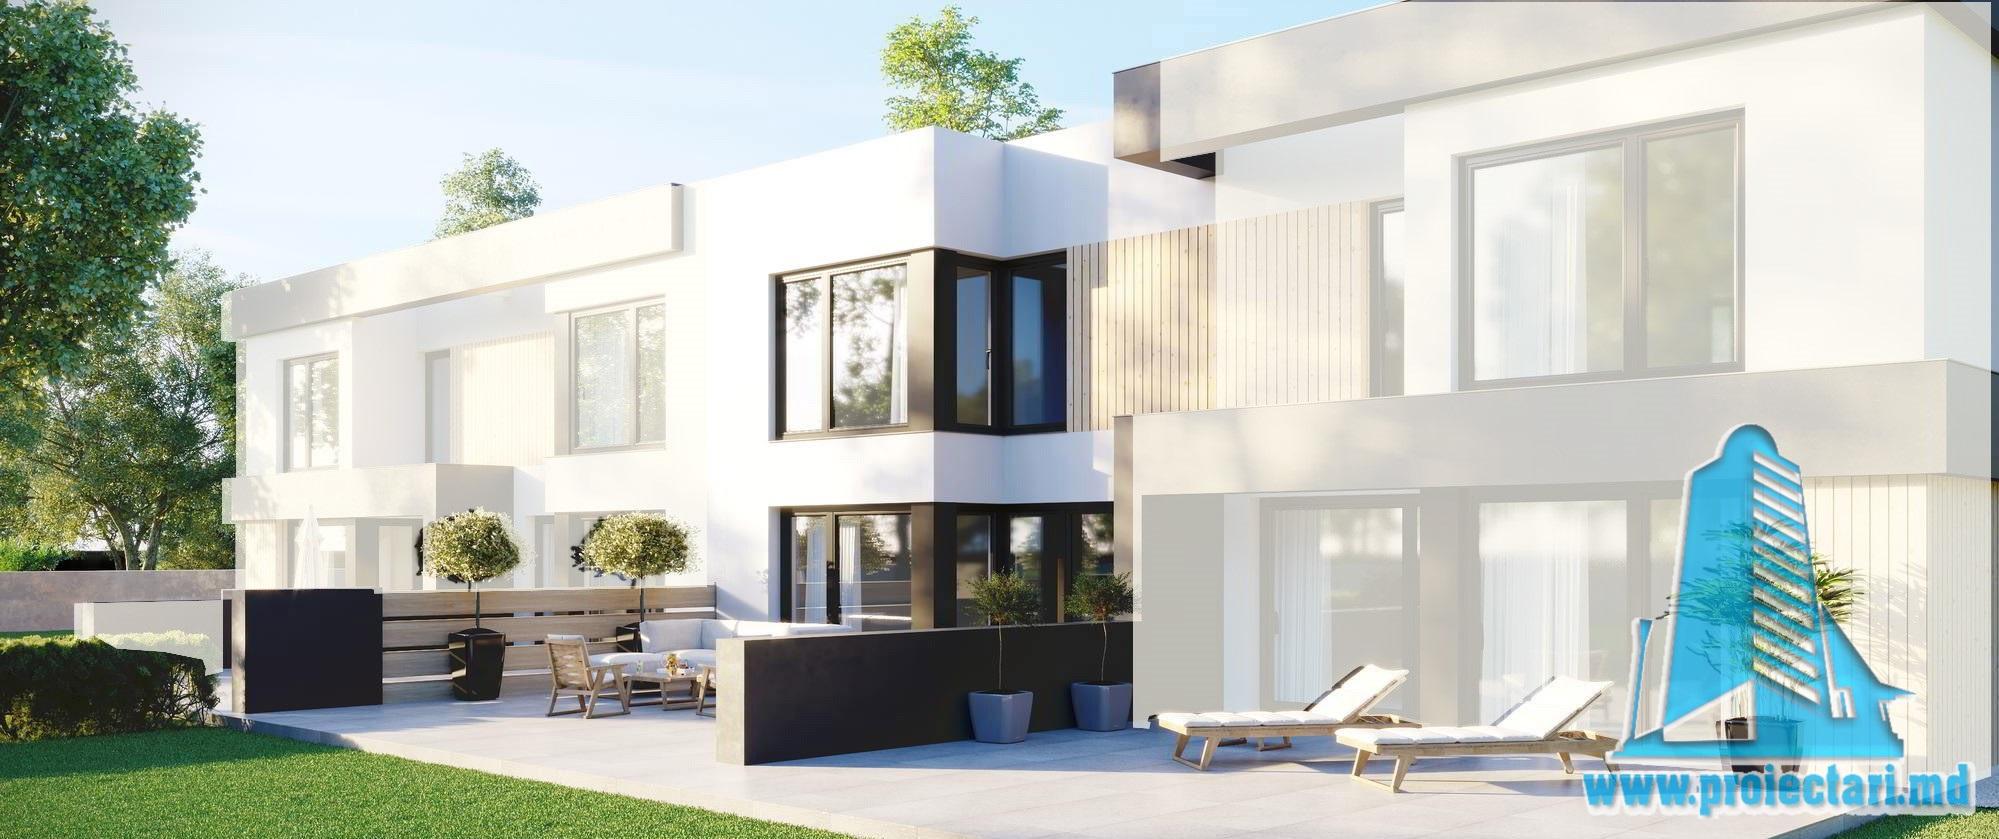 Casa cu parter, etaj si garaj pentru un automobil-94m2-101040